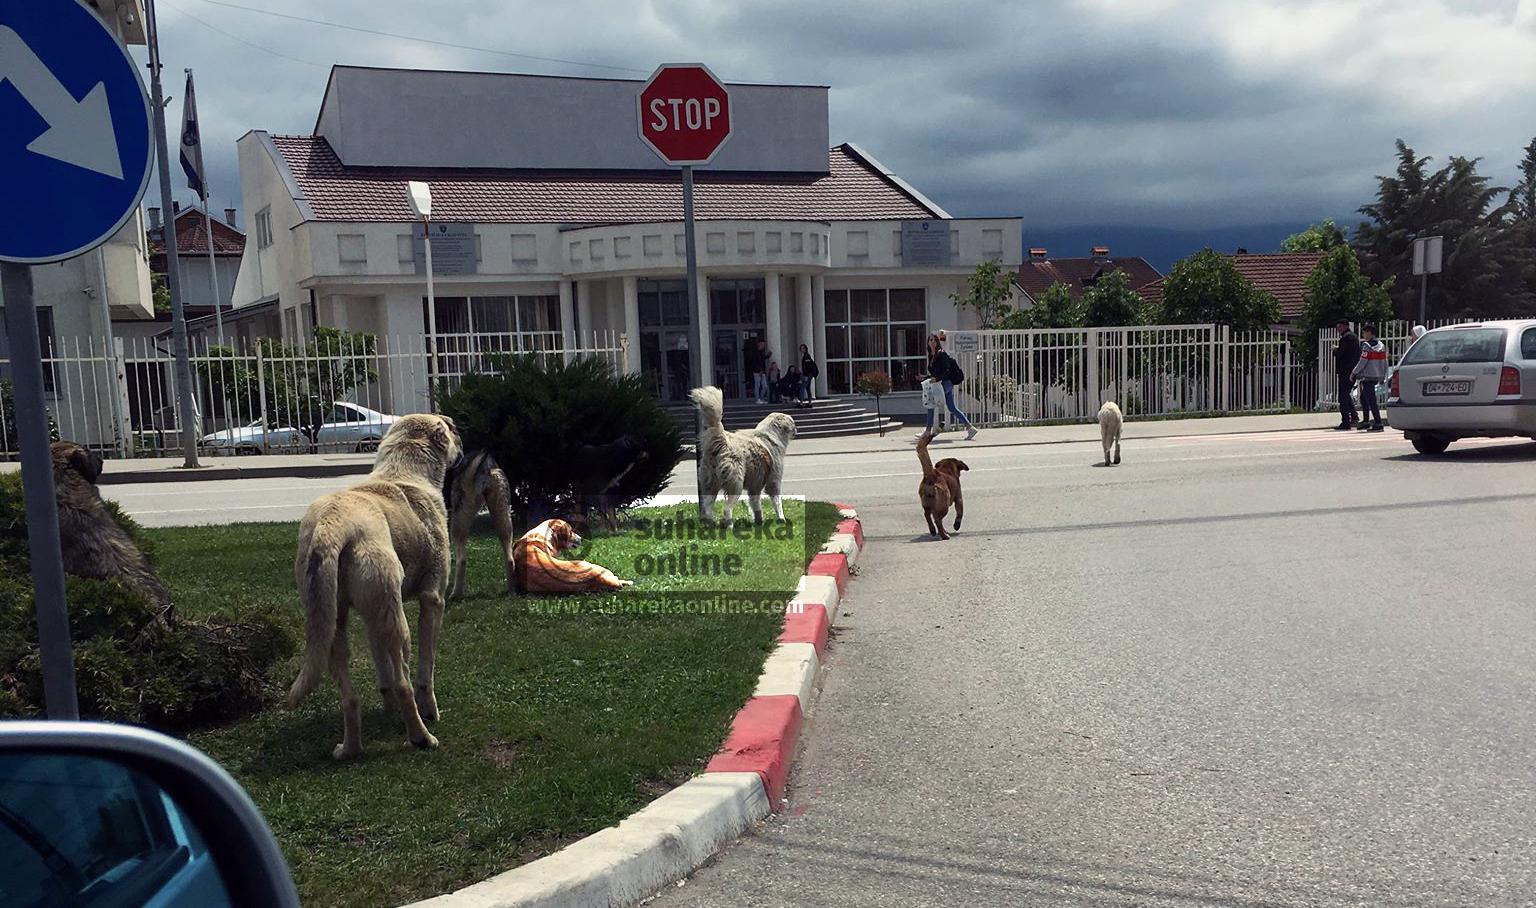 Regjistrimi i kafshëve shoqëruese i obligueshëm, ata që i braktisin do të dënohen